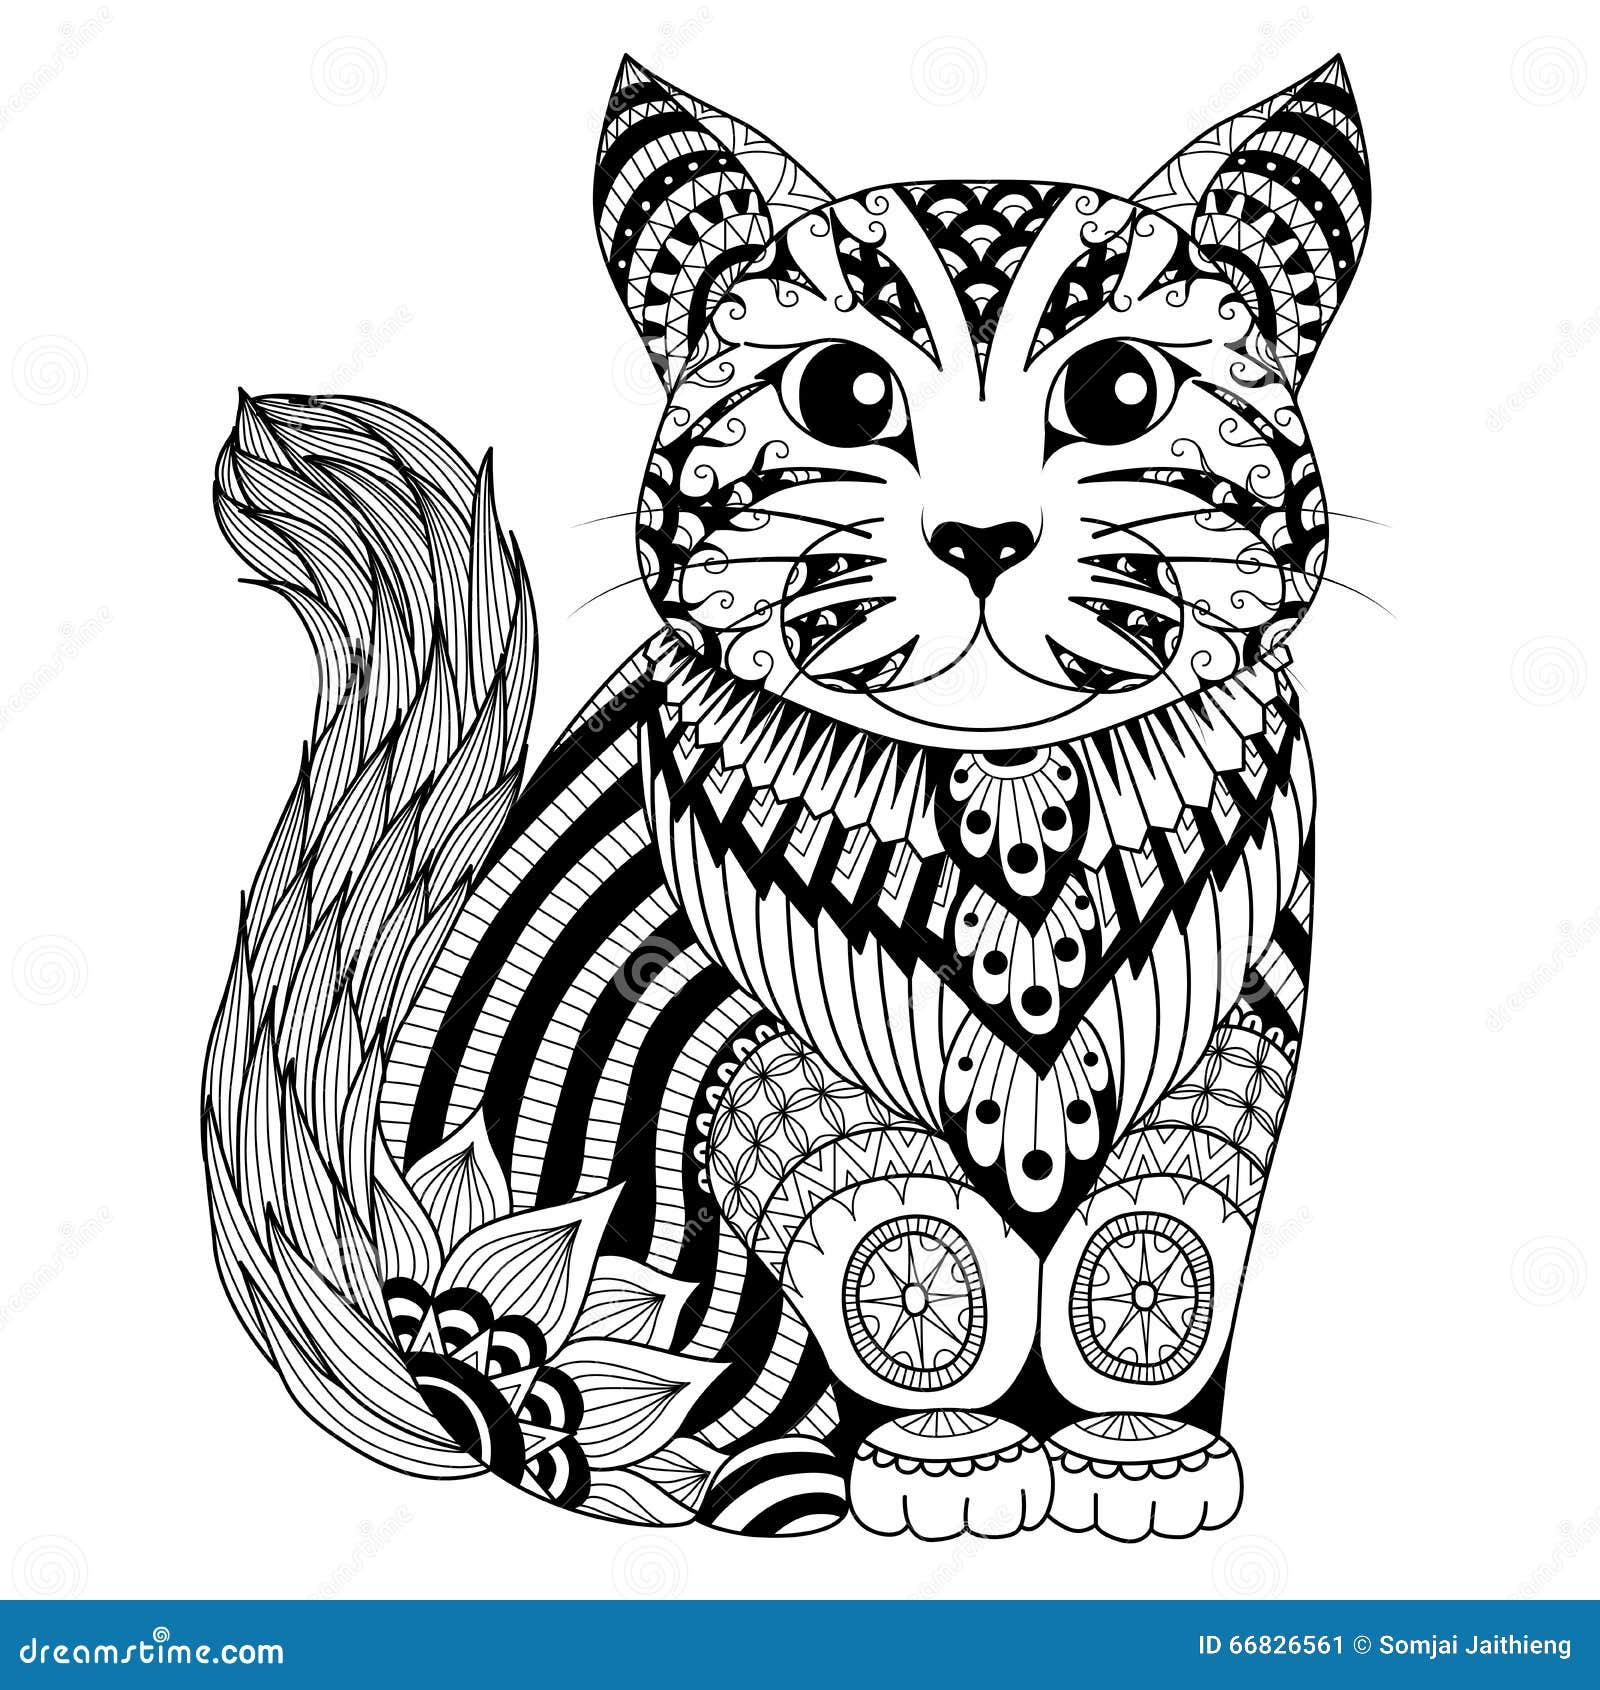 Ausmalbilder Fidget Spinner: Gato Del Zentangle Del Dibujo Para La Página, El Efecto